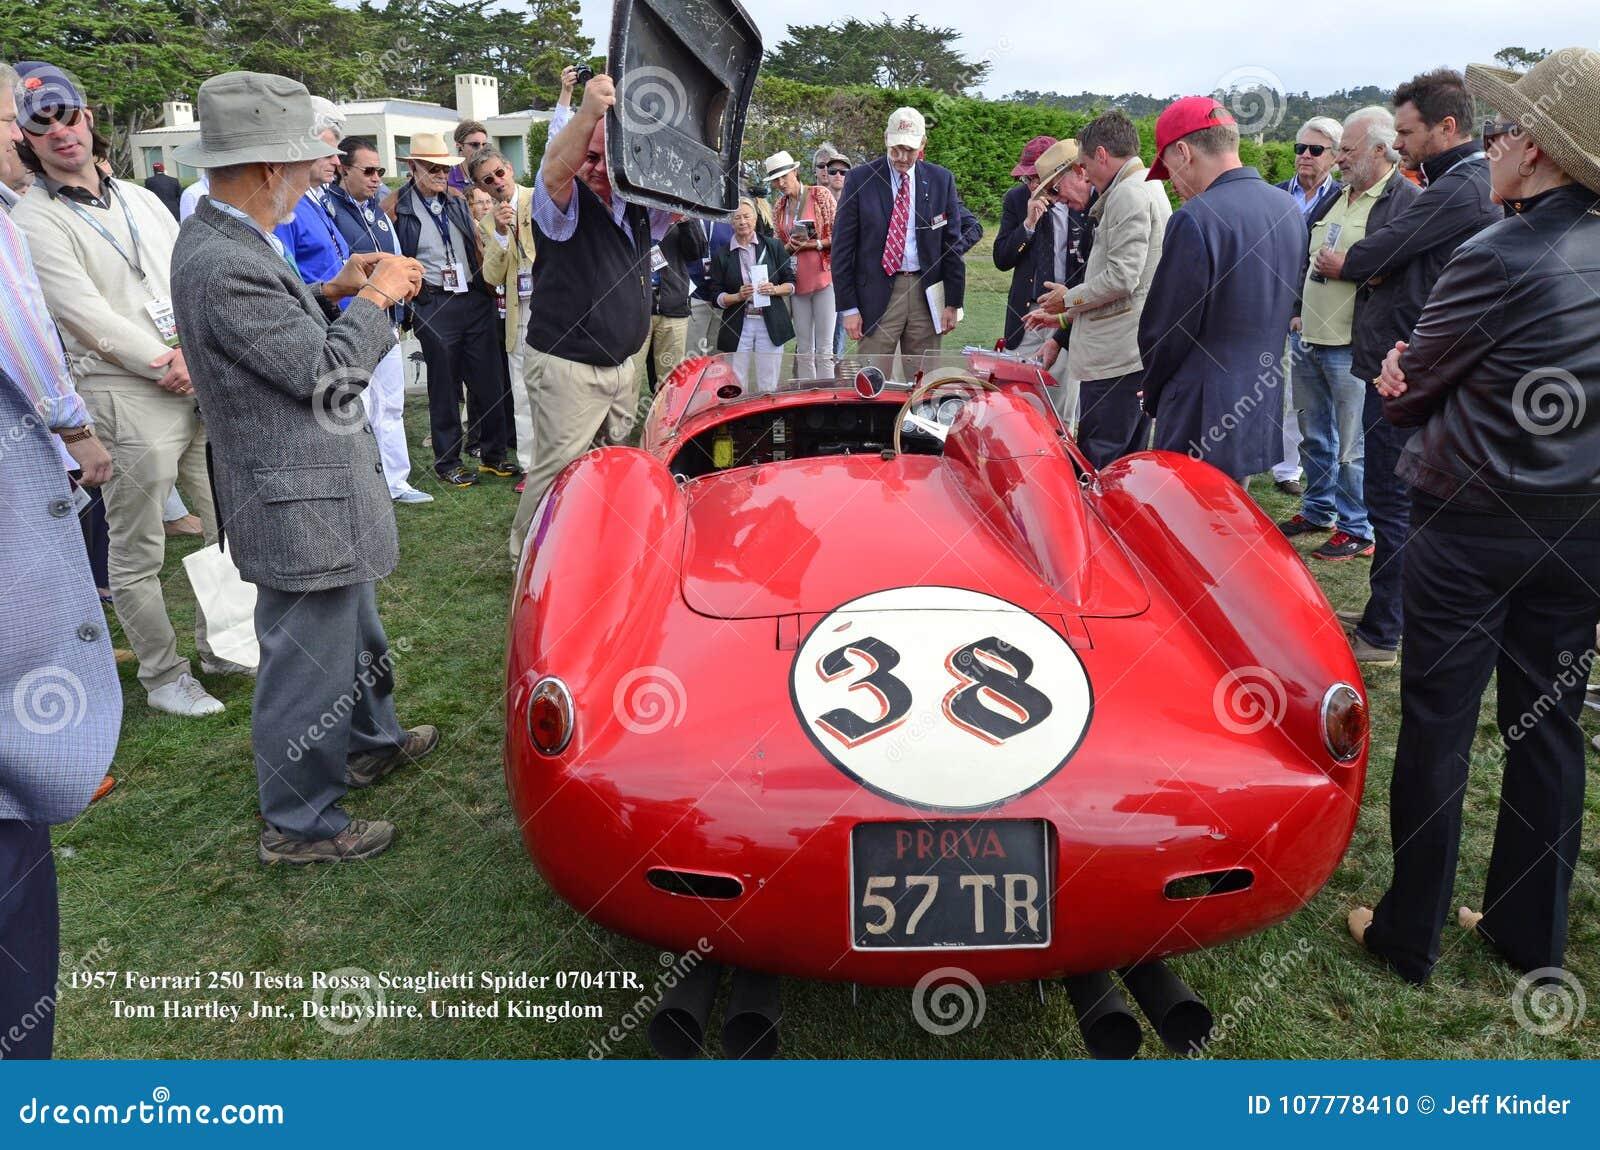 1957 Ferrari 250 Testa Rossa Scaglietti Spider 0704tr